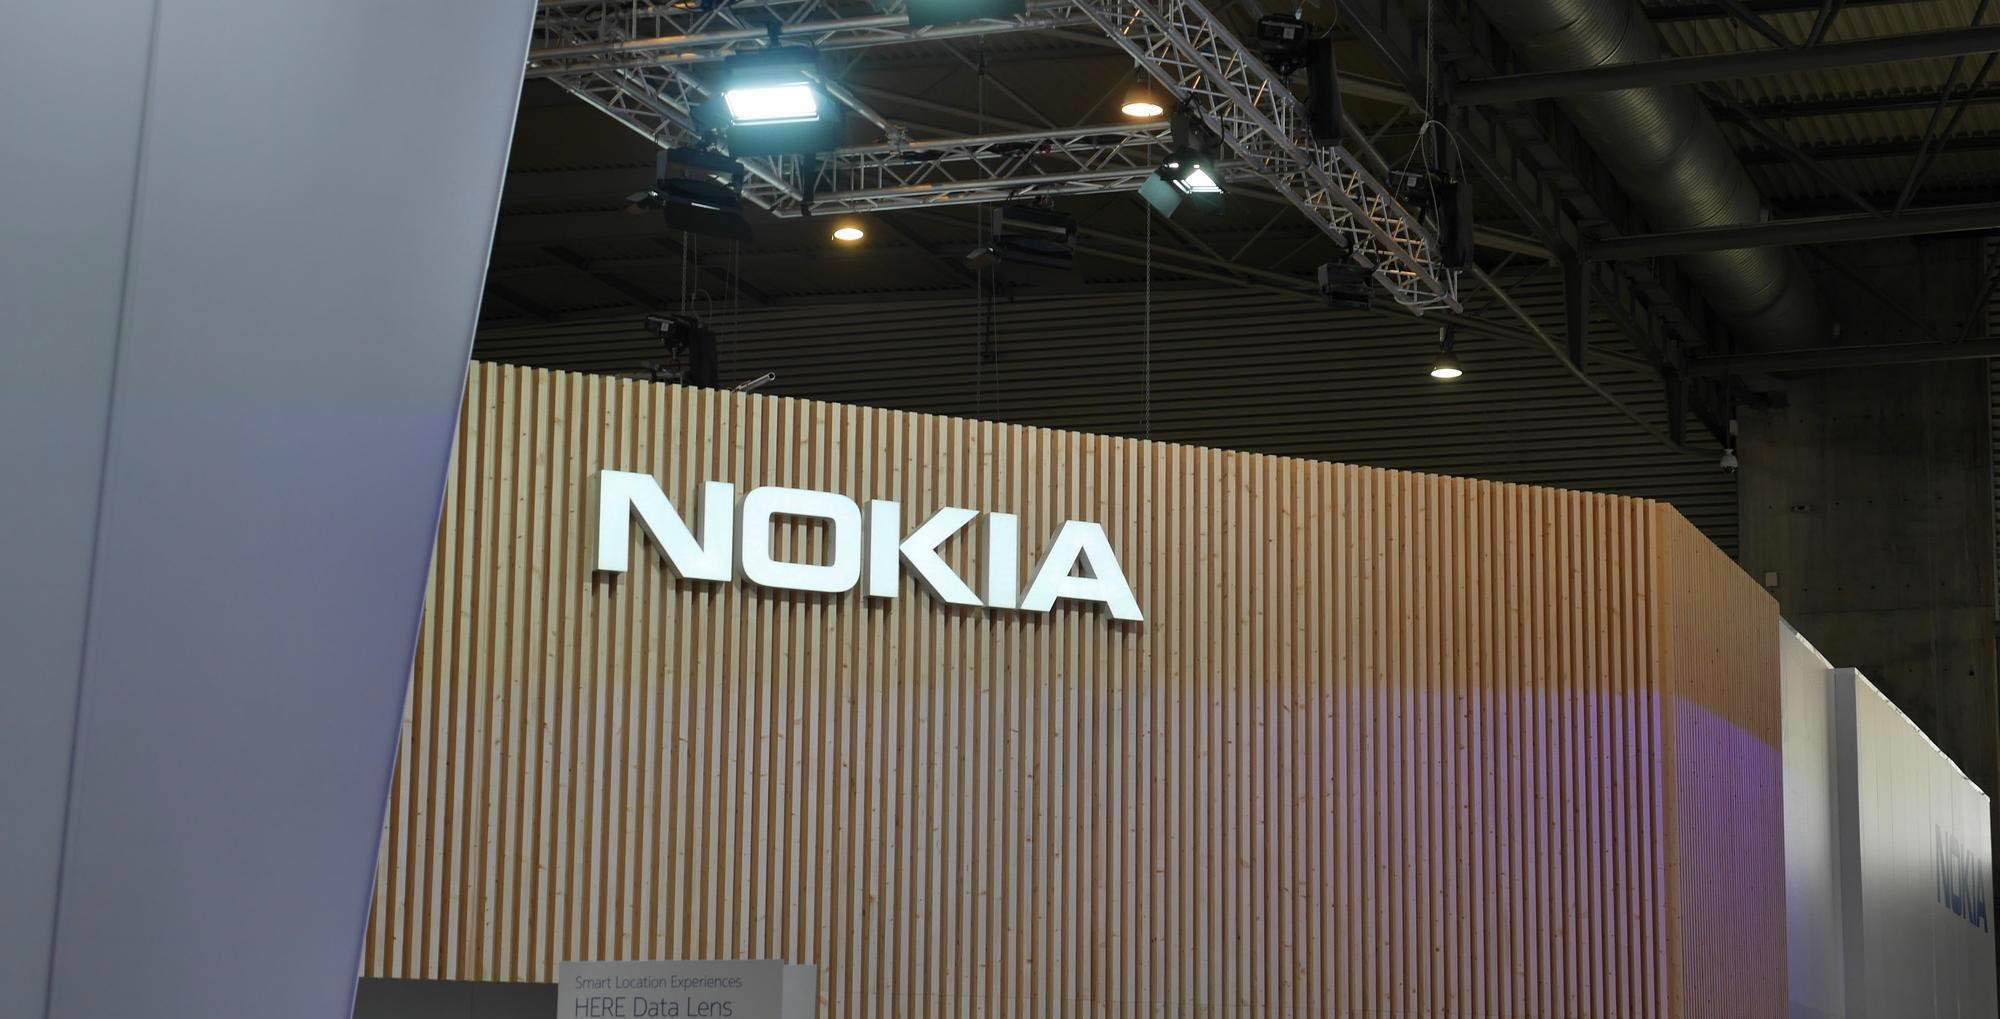 Nokia sera présent au MWC 2017 où l'on espère voir de nouveaux smartphones !